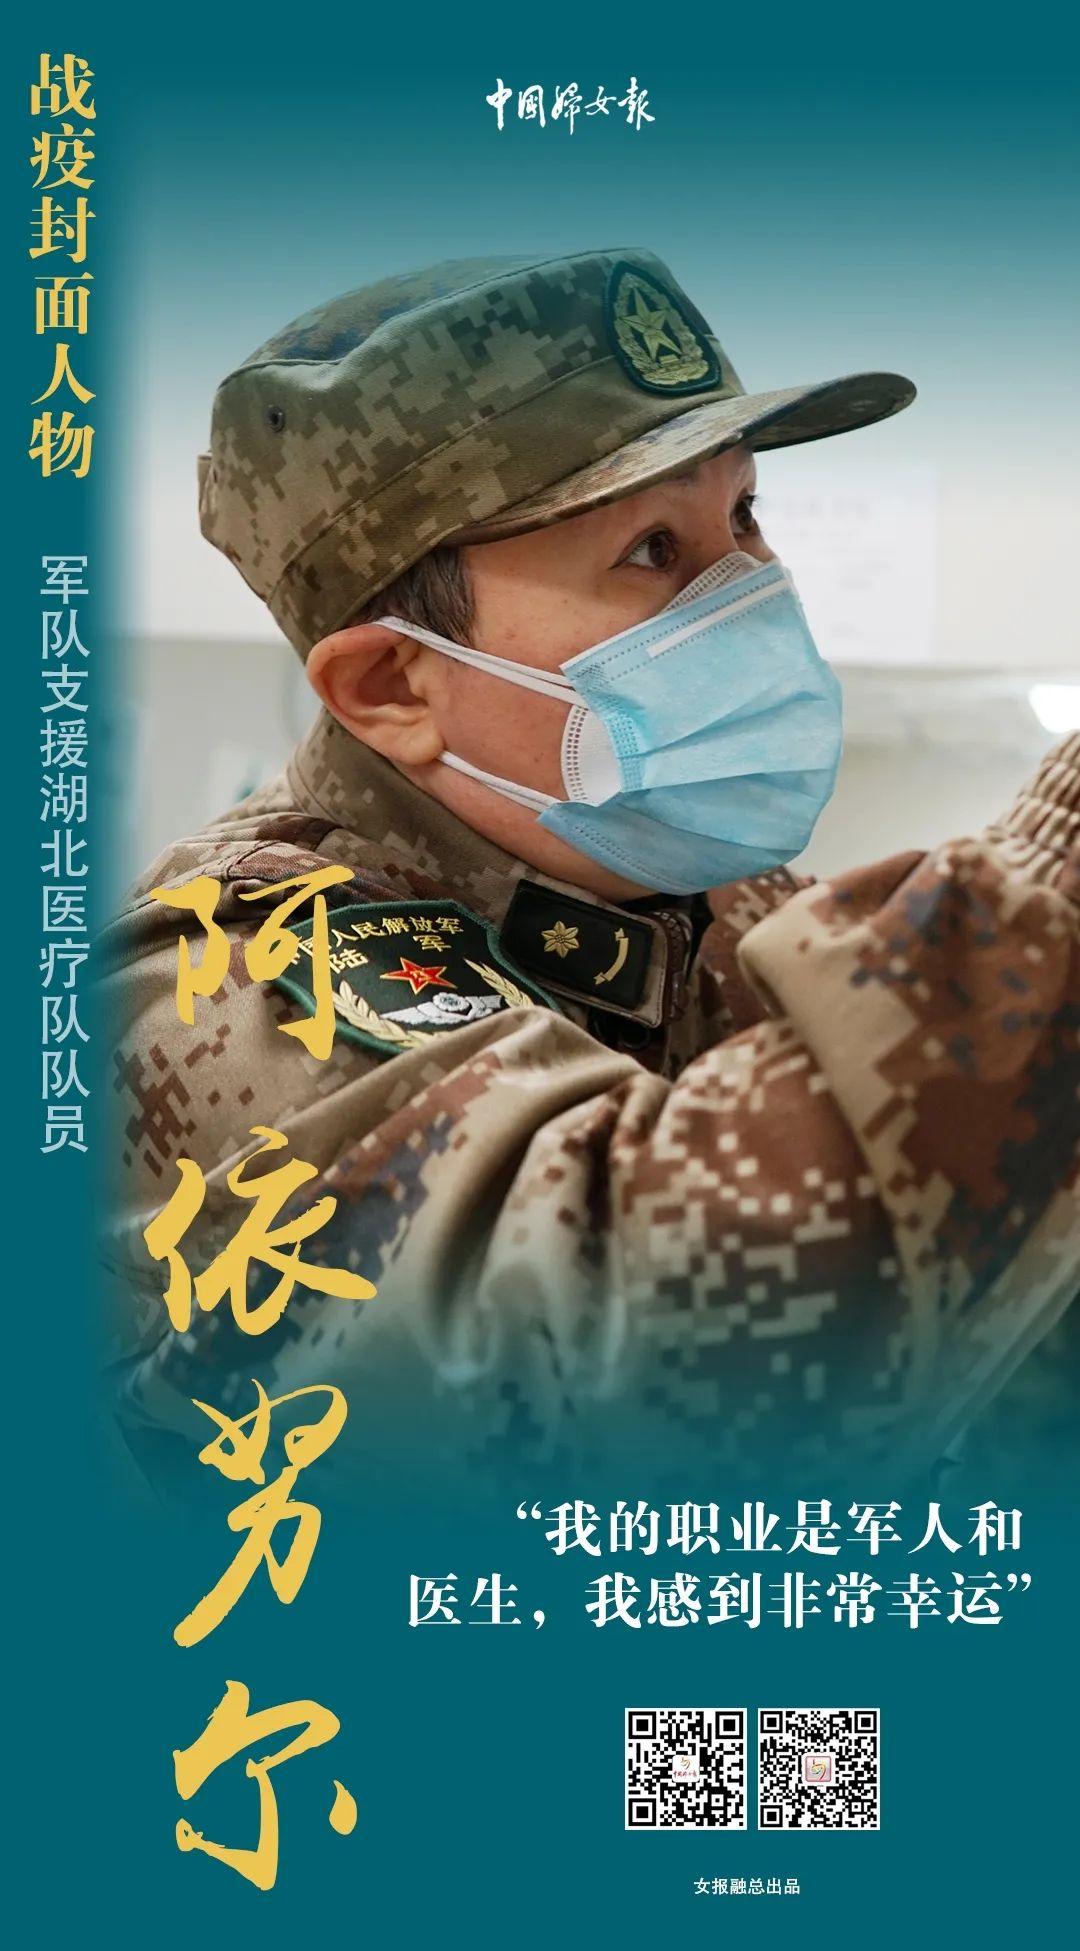 """战疫封面人物〡军队支援湖北医疗队队员阿依努尔:""""月光""""洒满战""""疫""""路"""